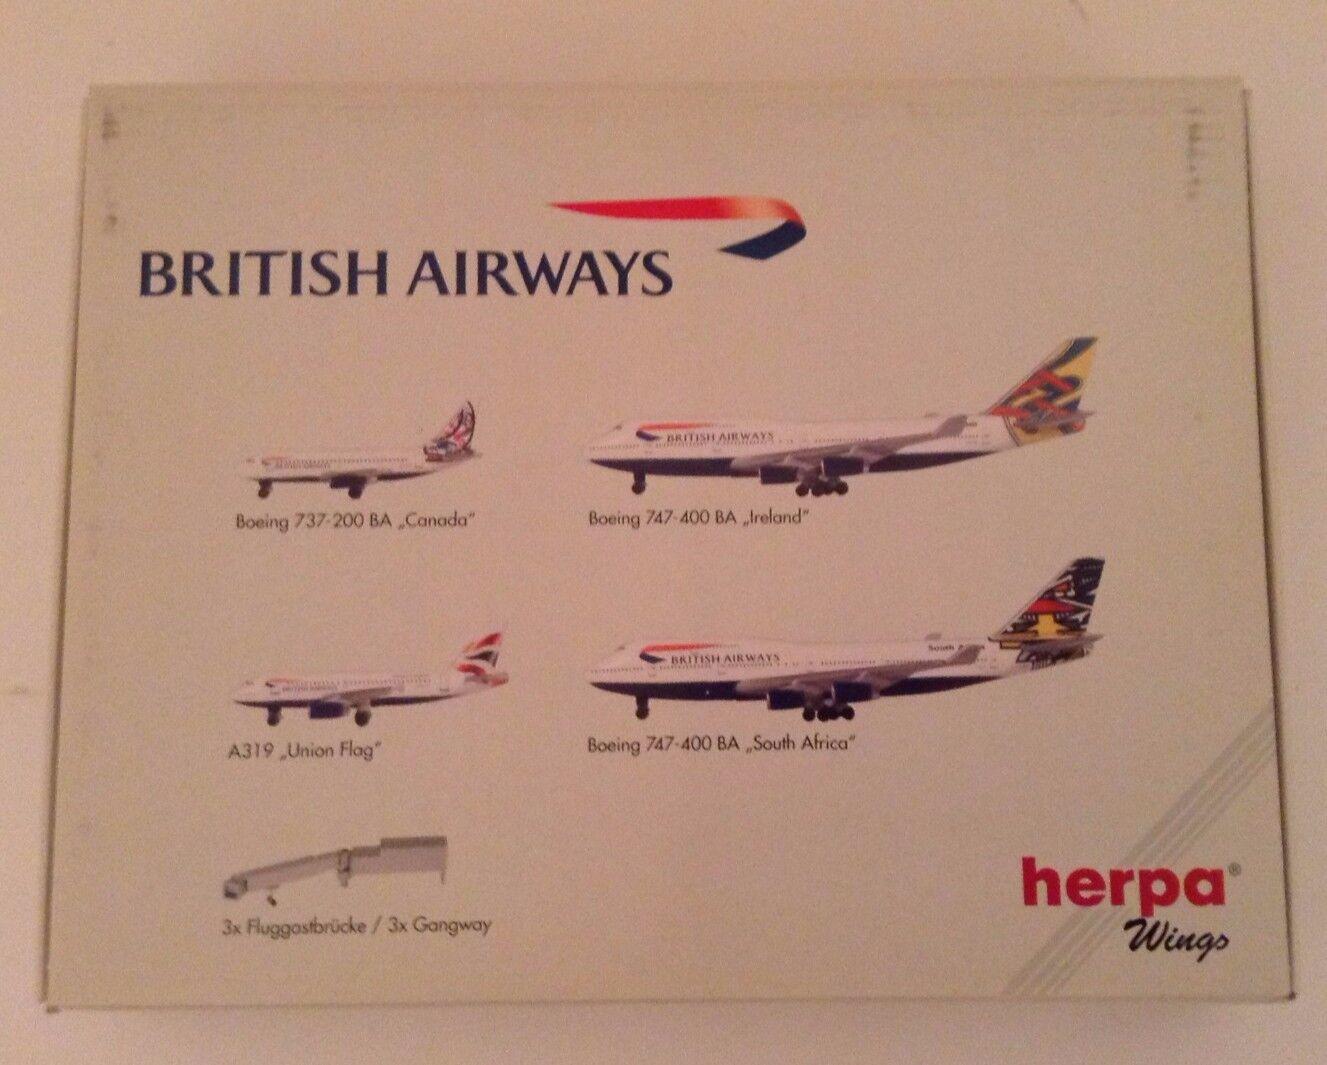 Raro Herpa Wings Edición limitada conjunto de British Airways